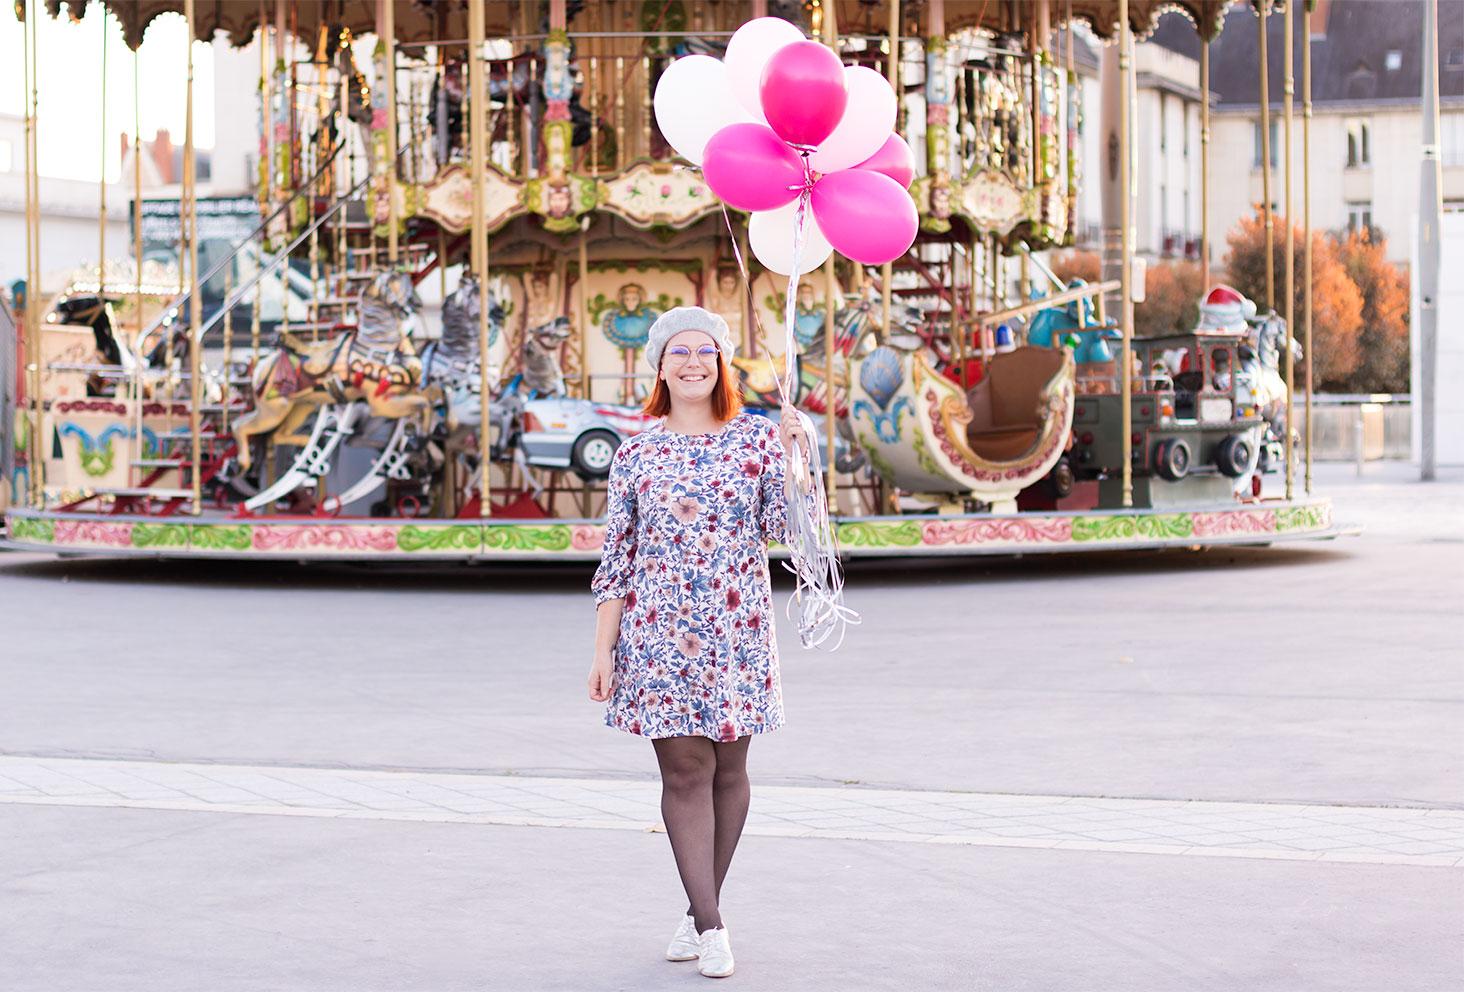 En balade devant un carrousel lumineux, en robe à fleurs, des ballons dans les mains pour son 27 ème anniversaire